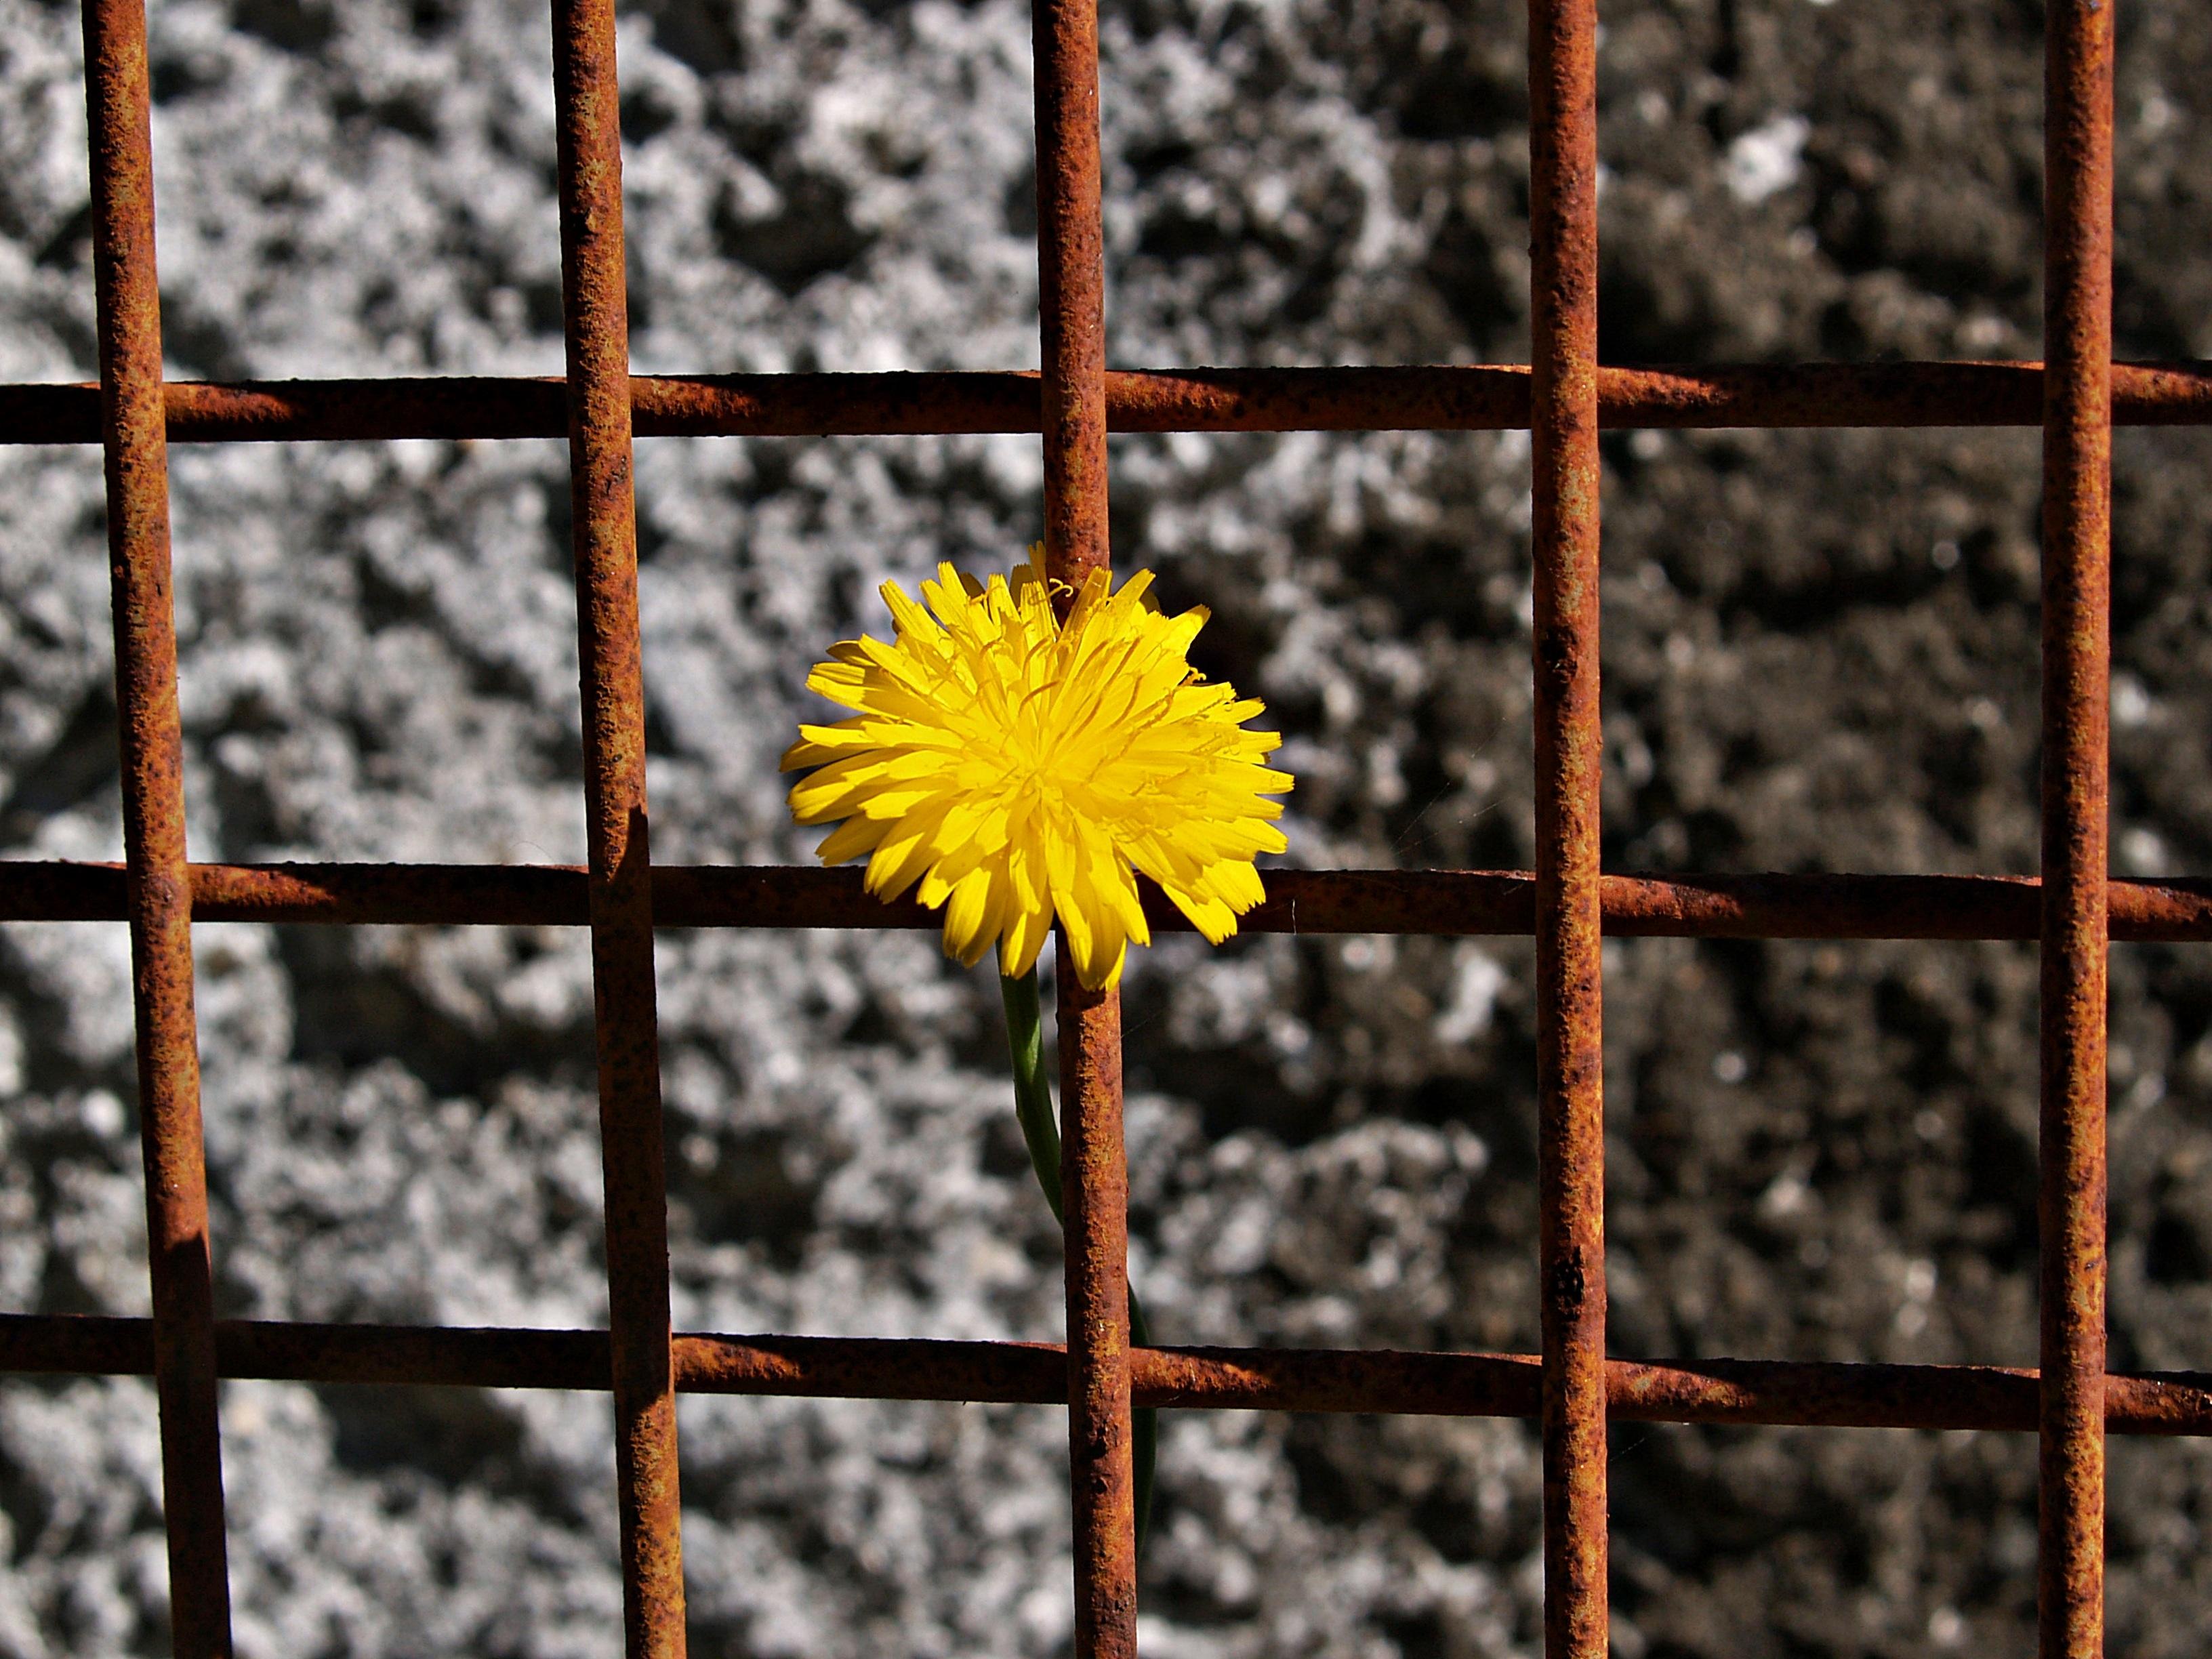 Fotos gratis : naturaleza, flor, planta, fotografía, diente de león ...